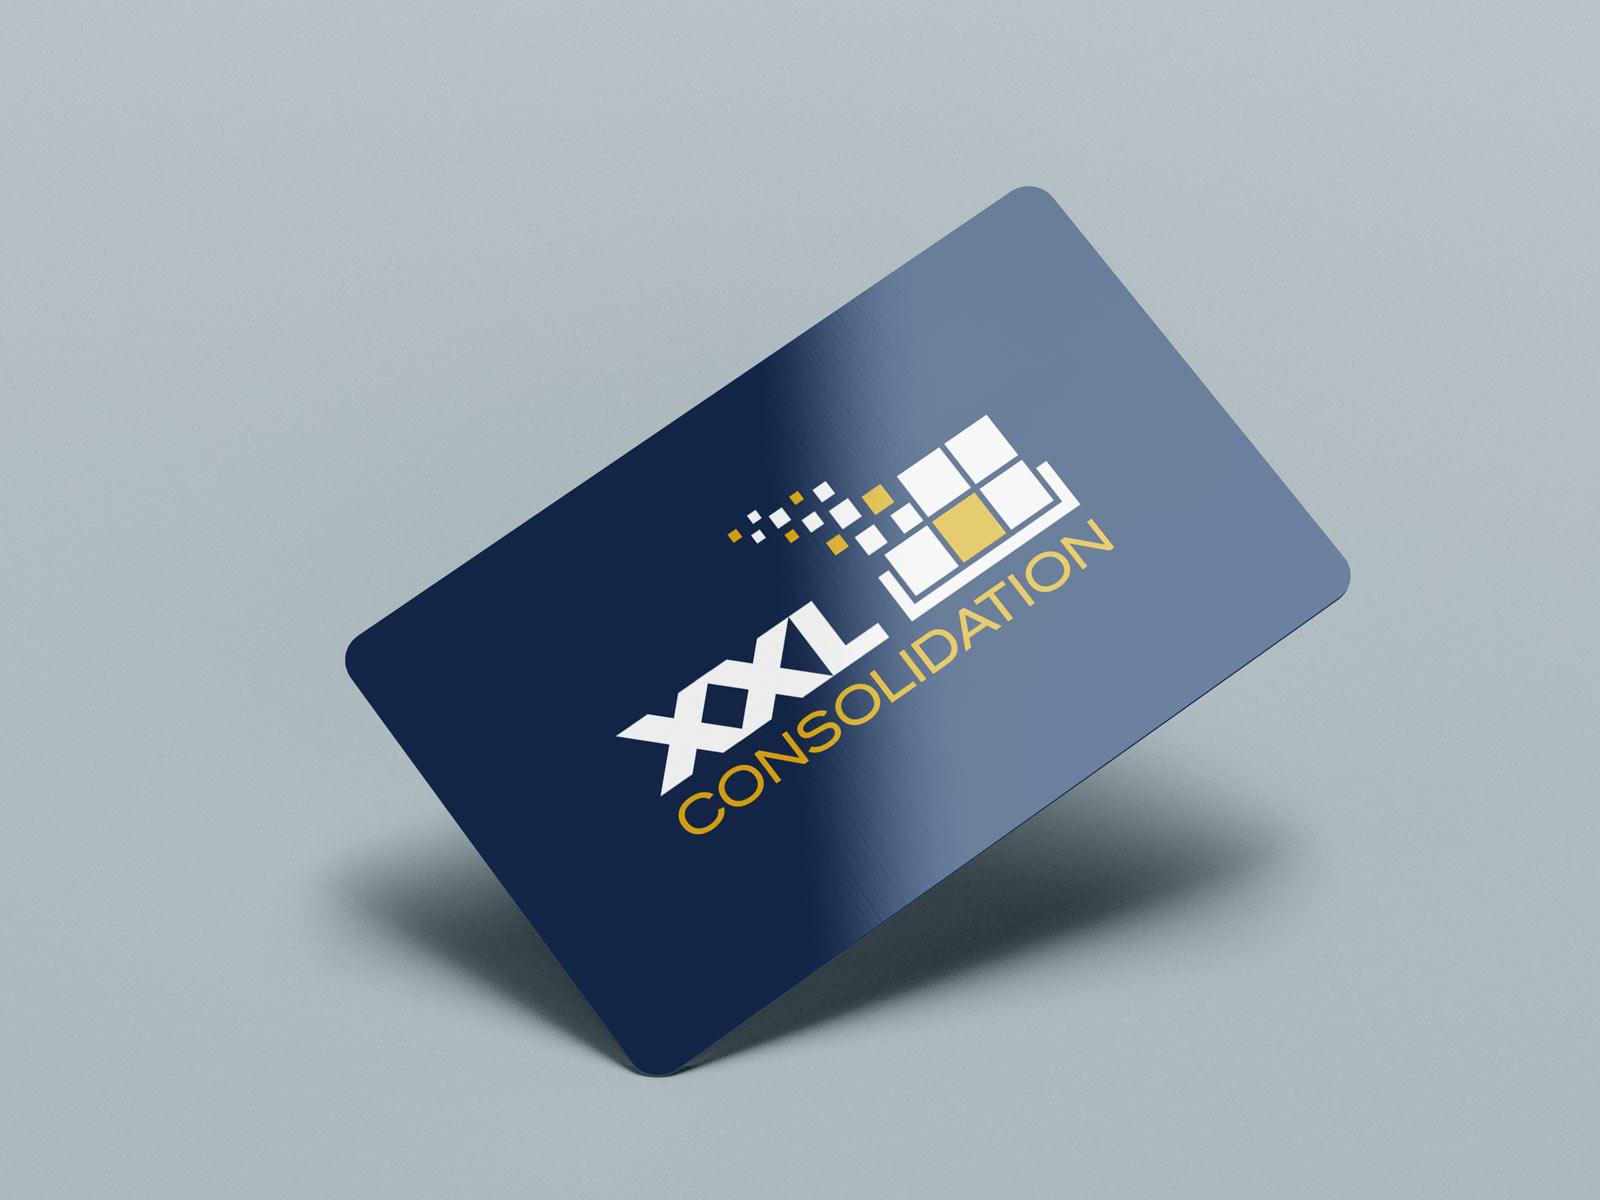 XXL Consolidation, personalisierte Kunstoff-Karte, Messebedarf, Werbemittel, Ansicht 5